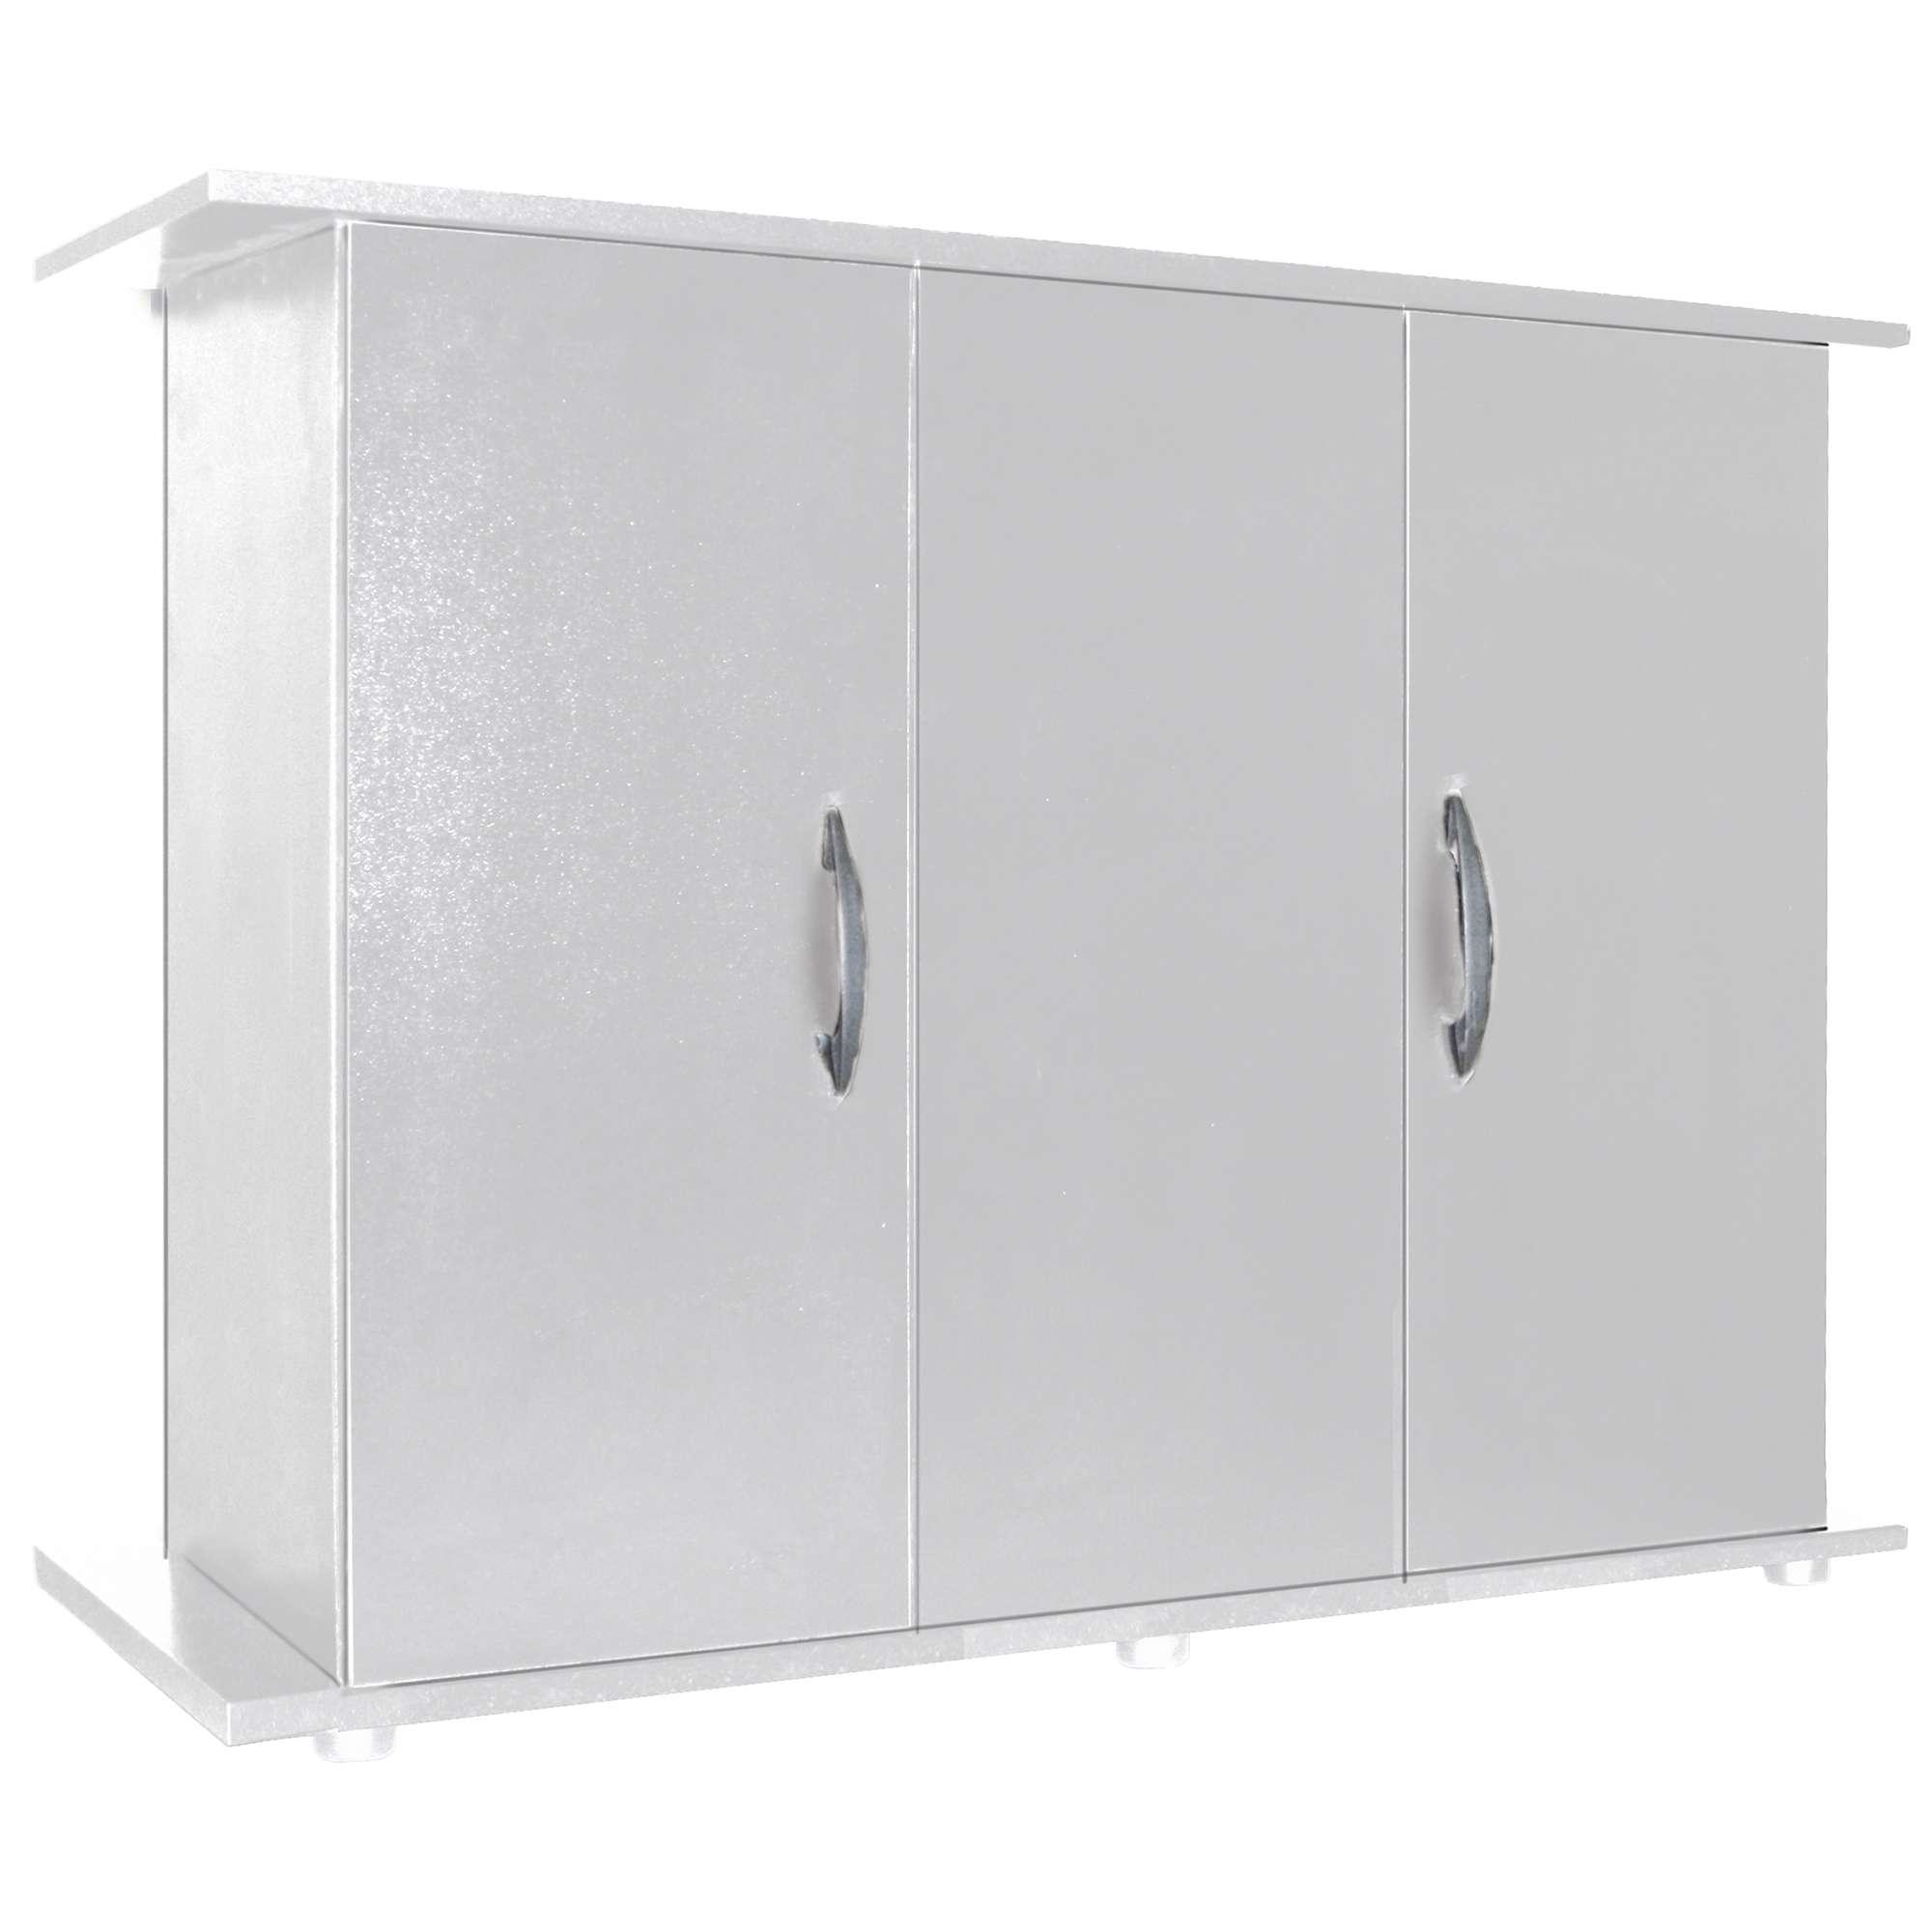 m24030b-mesa-mueble-para-acuarios-de-240